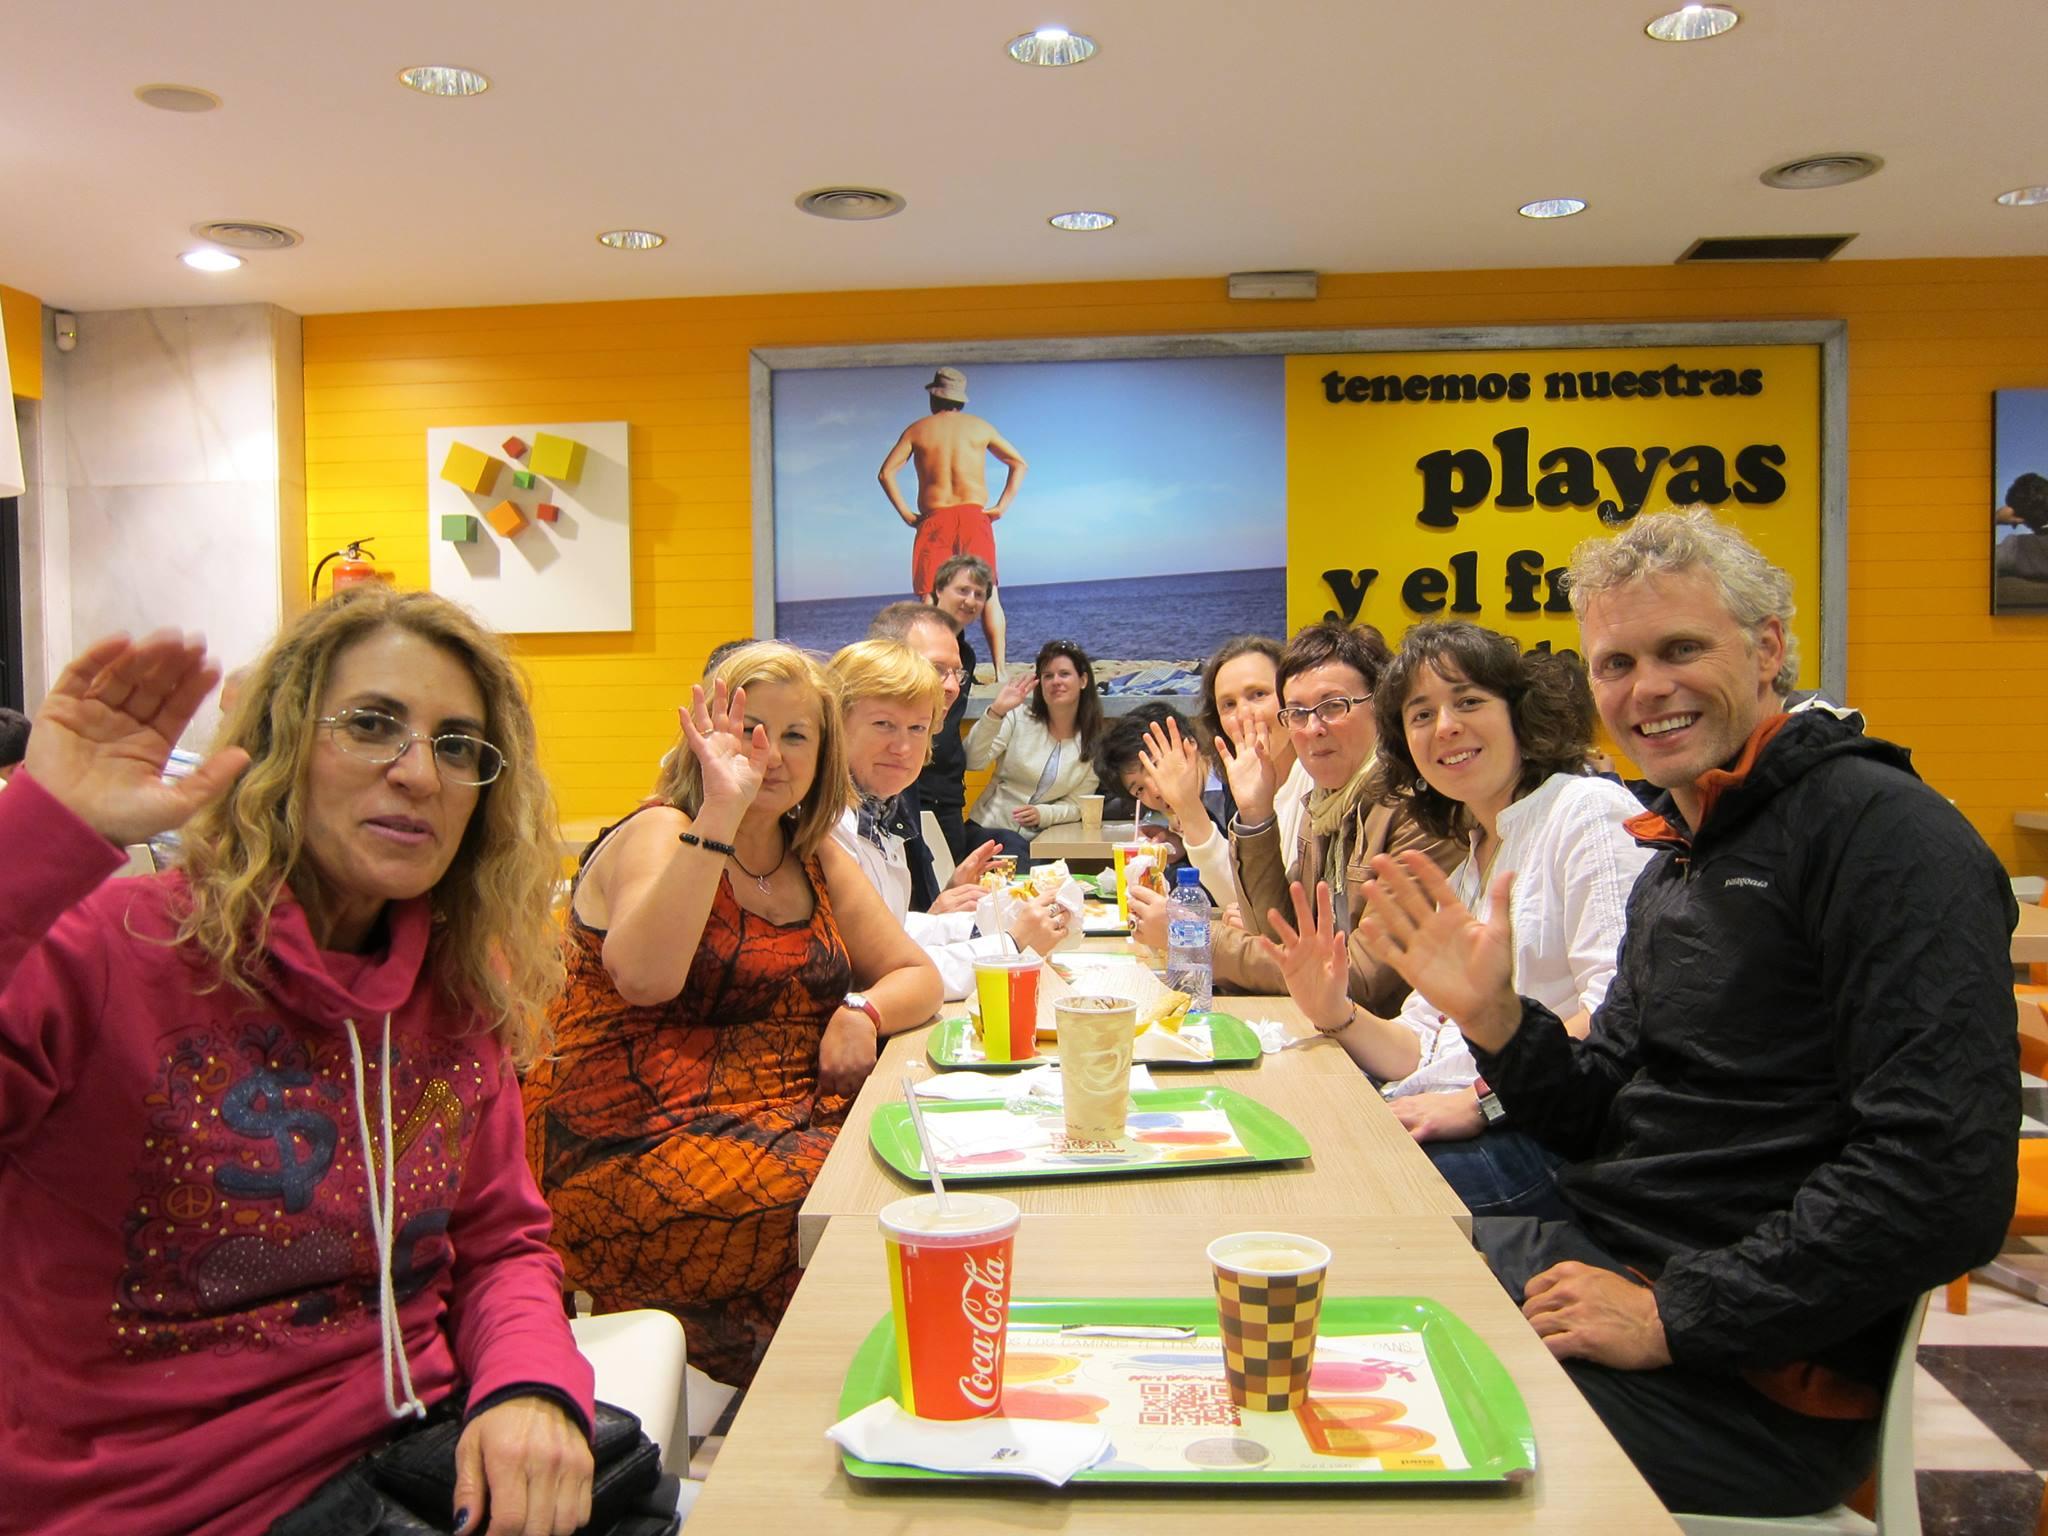 Bạn muốn tìm giáo viên nước ngoài để luyện nói tiếng Anh?